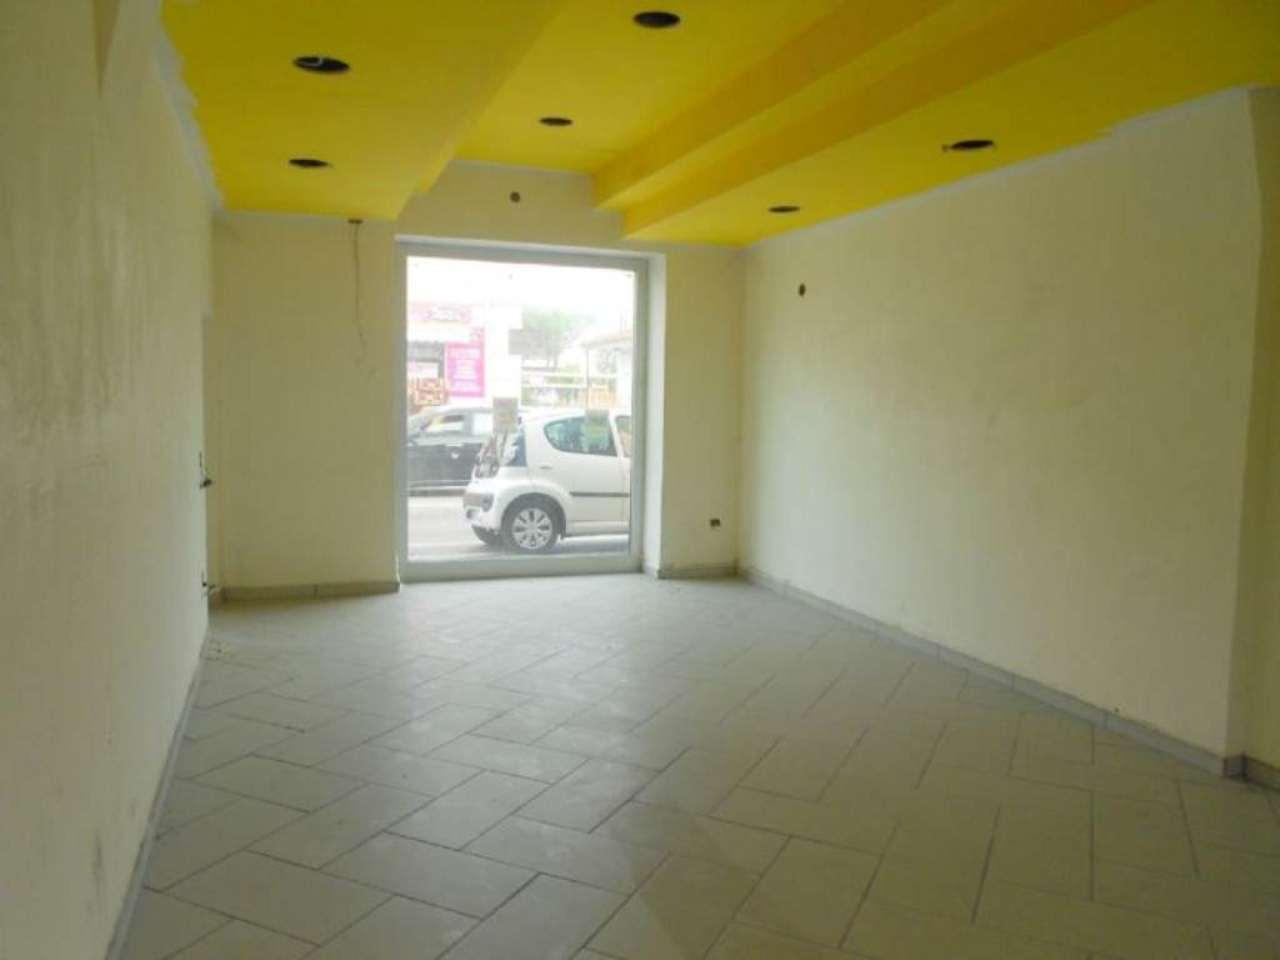 Negozio / Locale in affitto a Francavilla al Mare, 1 locali, prezzo € 650 | CambioCasa.it